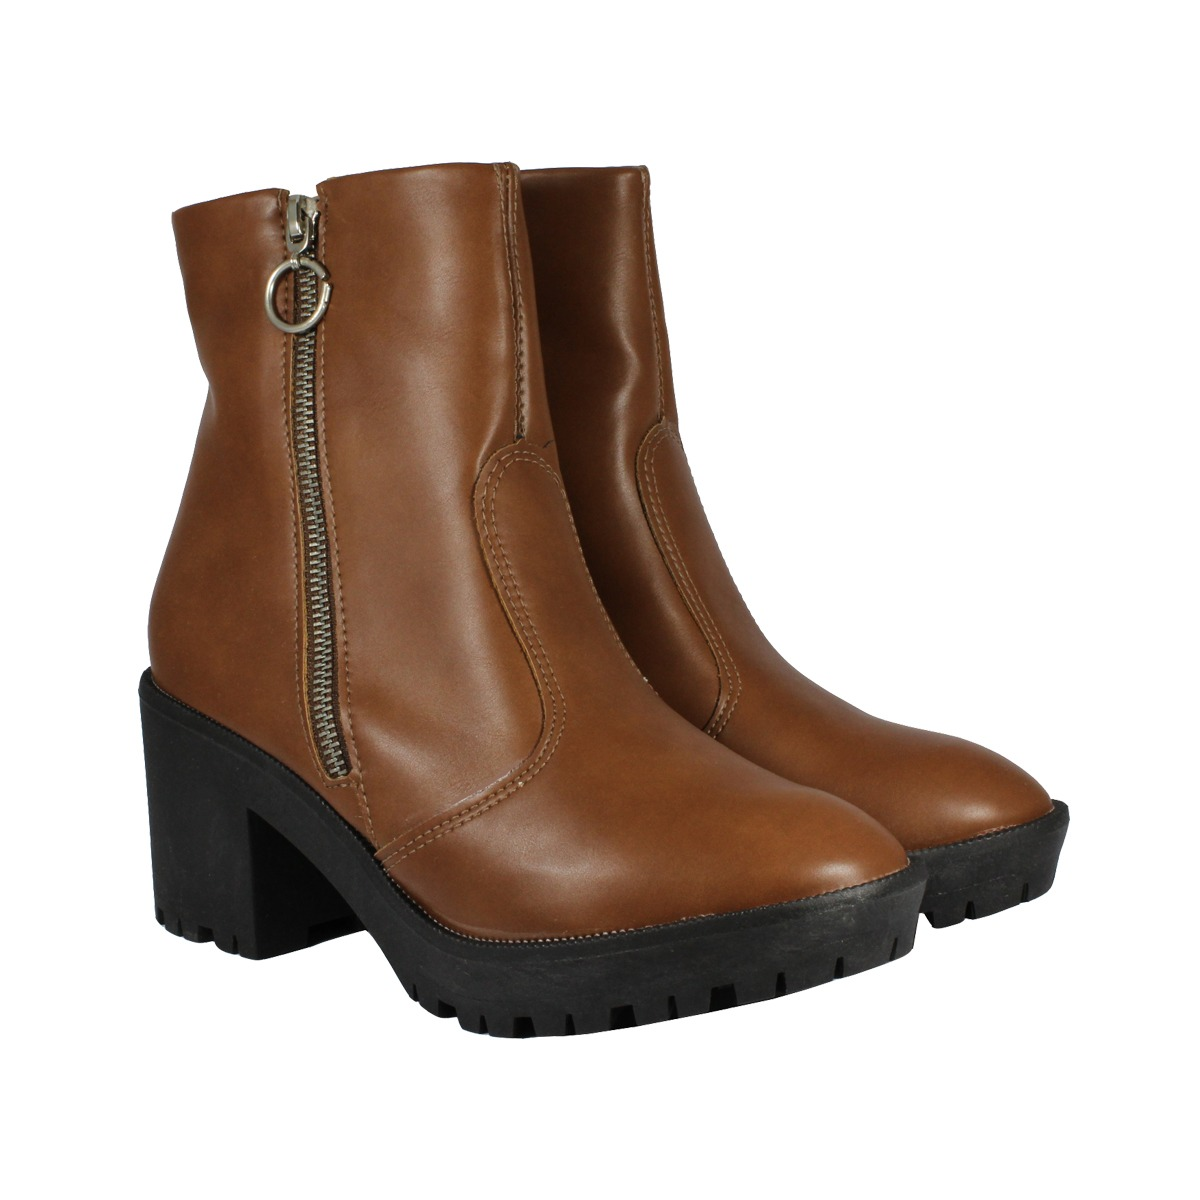 42f7a5858 bota cano curto tratorada conhaque akazzo feminina. Carregando zoom.